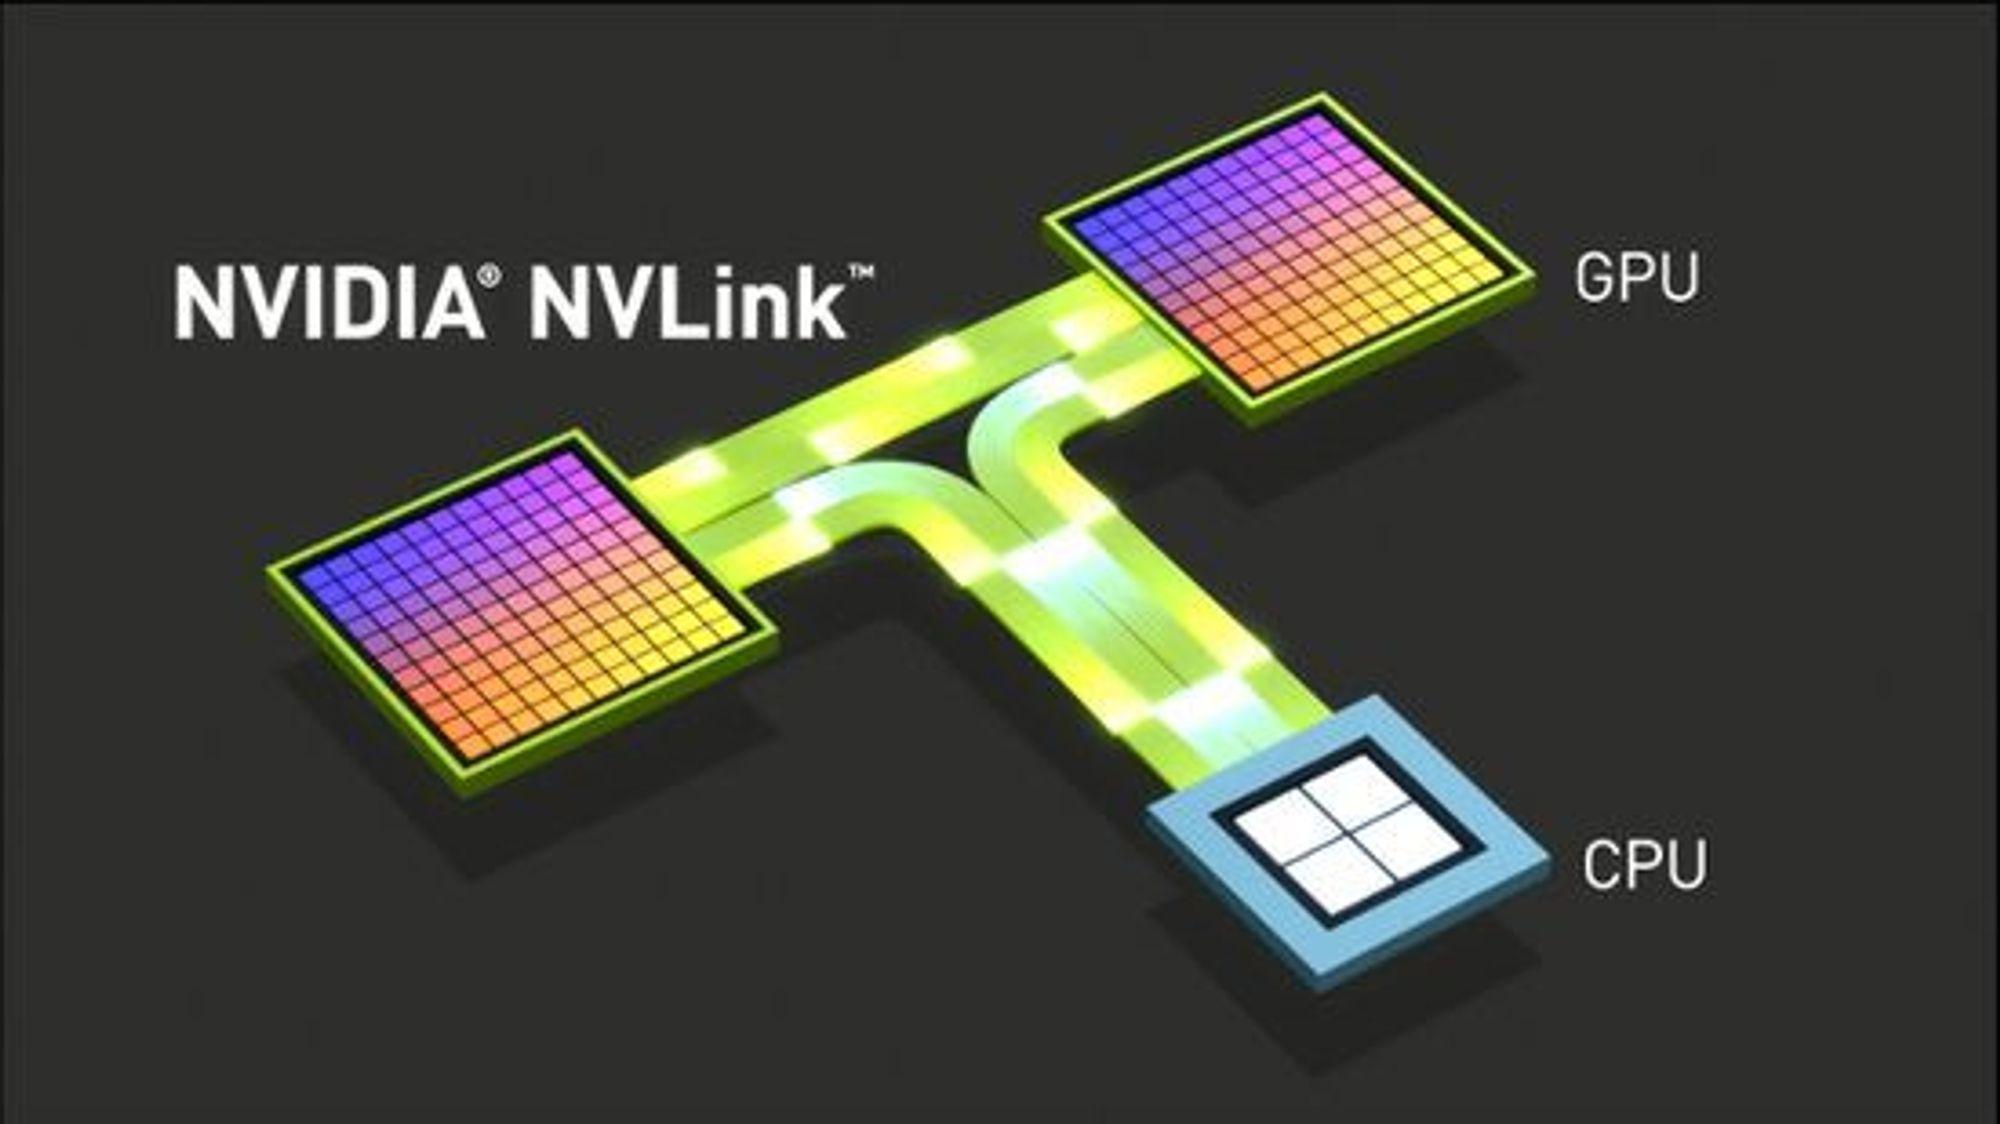 NVLink skal kunne overføre data mellom CPU-er og GPU-er opptil fem ganger raskere enn det som er mulig med PCI Express.